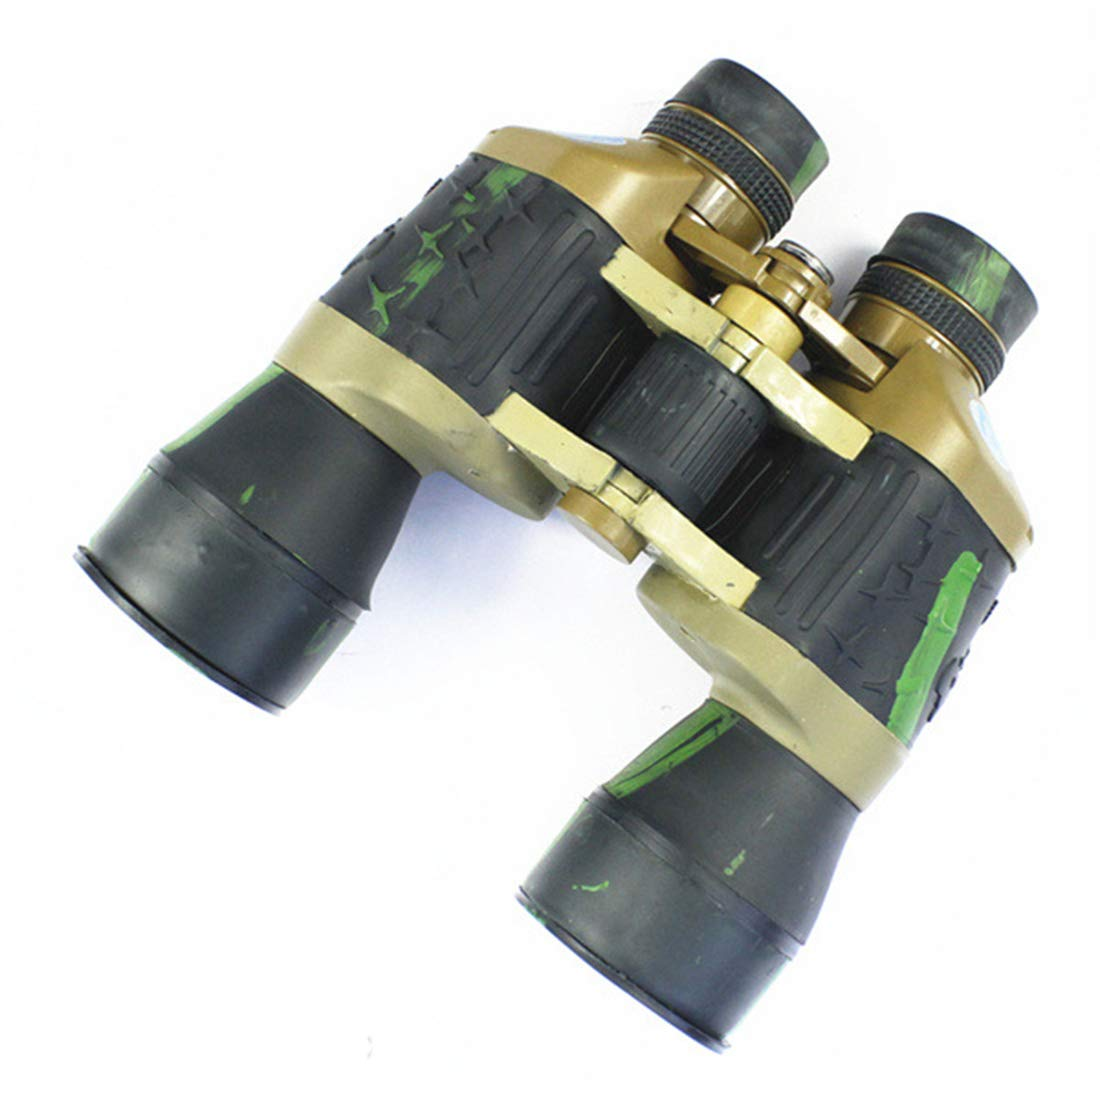 Dhrfyktu Telescopio Impermeable de del la visión Nocturna del de Nivel de poca luz de los prismáticos HD para el Uso al Aire Libre (Color   Camouflage) 62f3e5